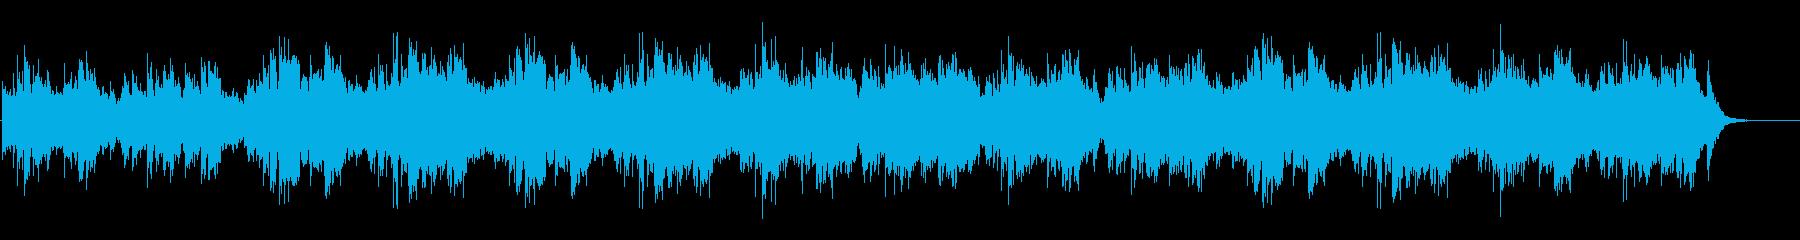 なめらかで艶のある中国伝統音楽の再生済みの波形